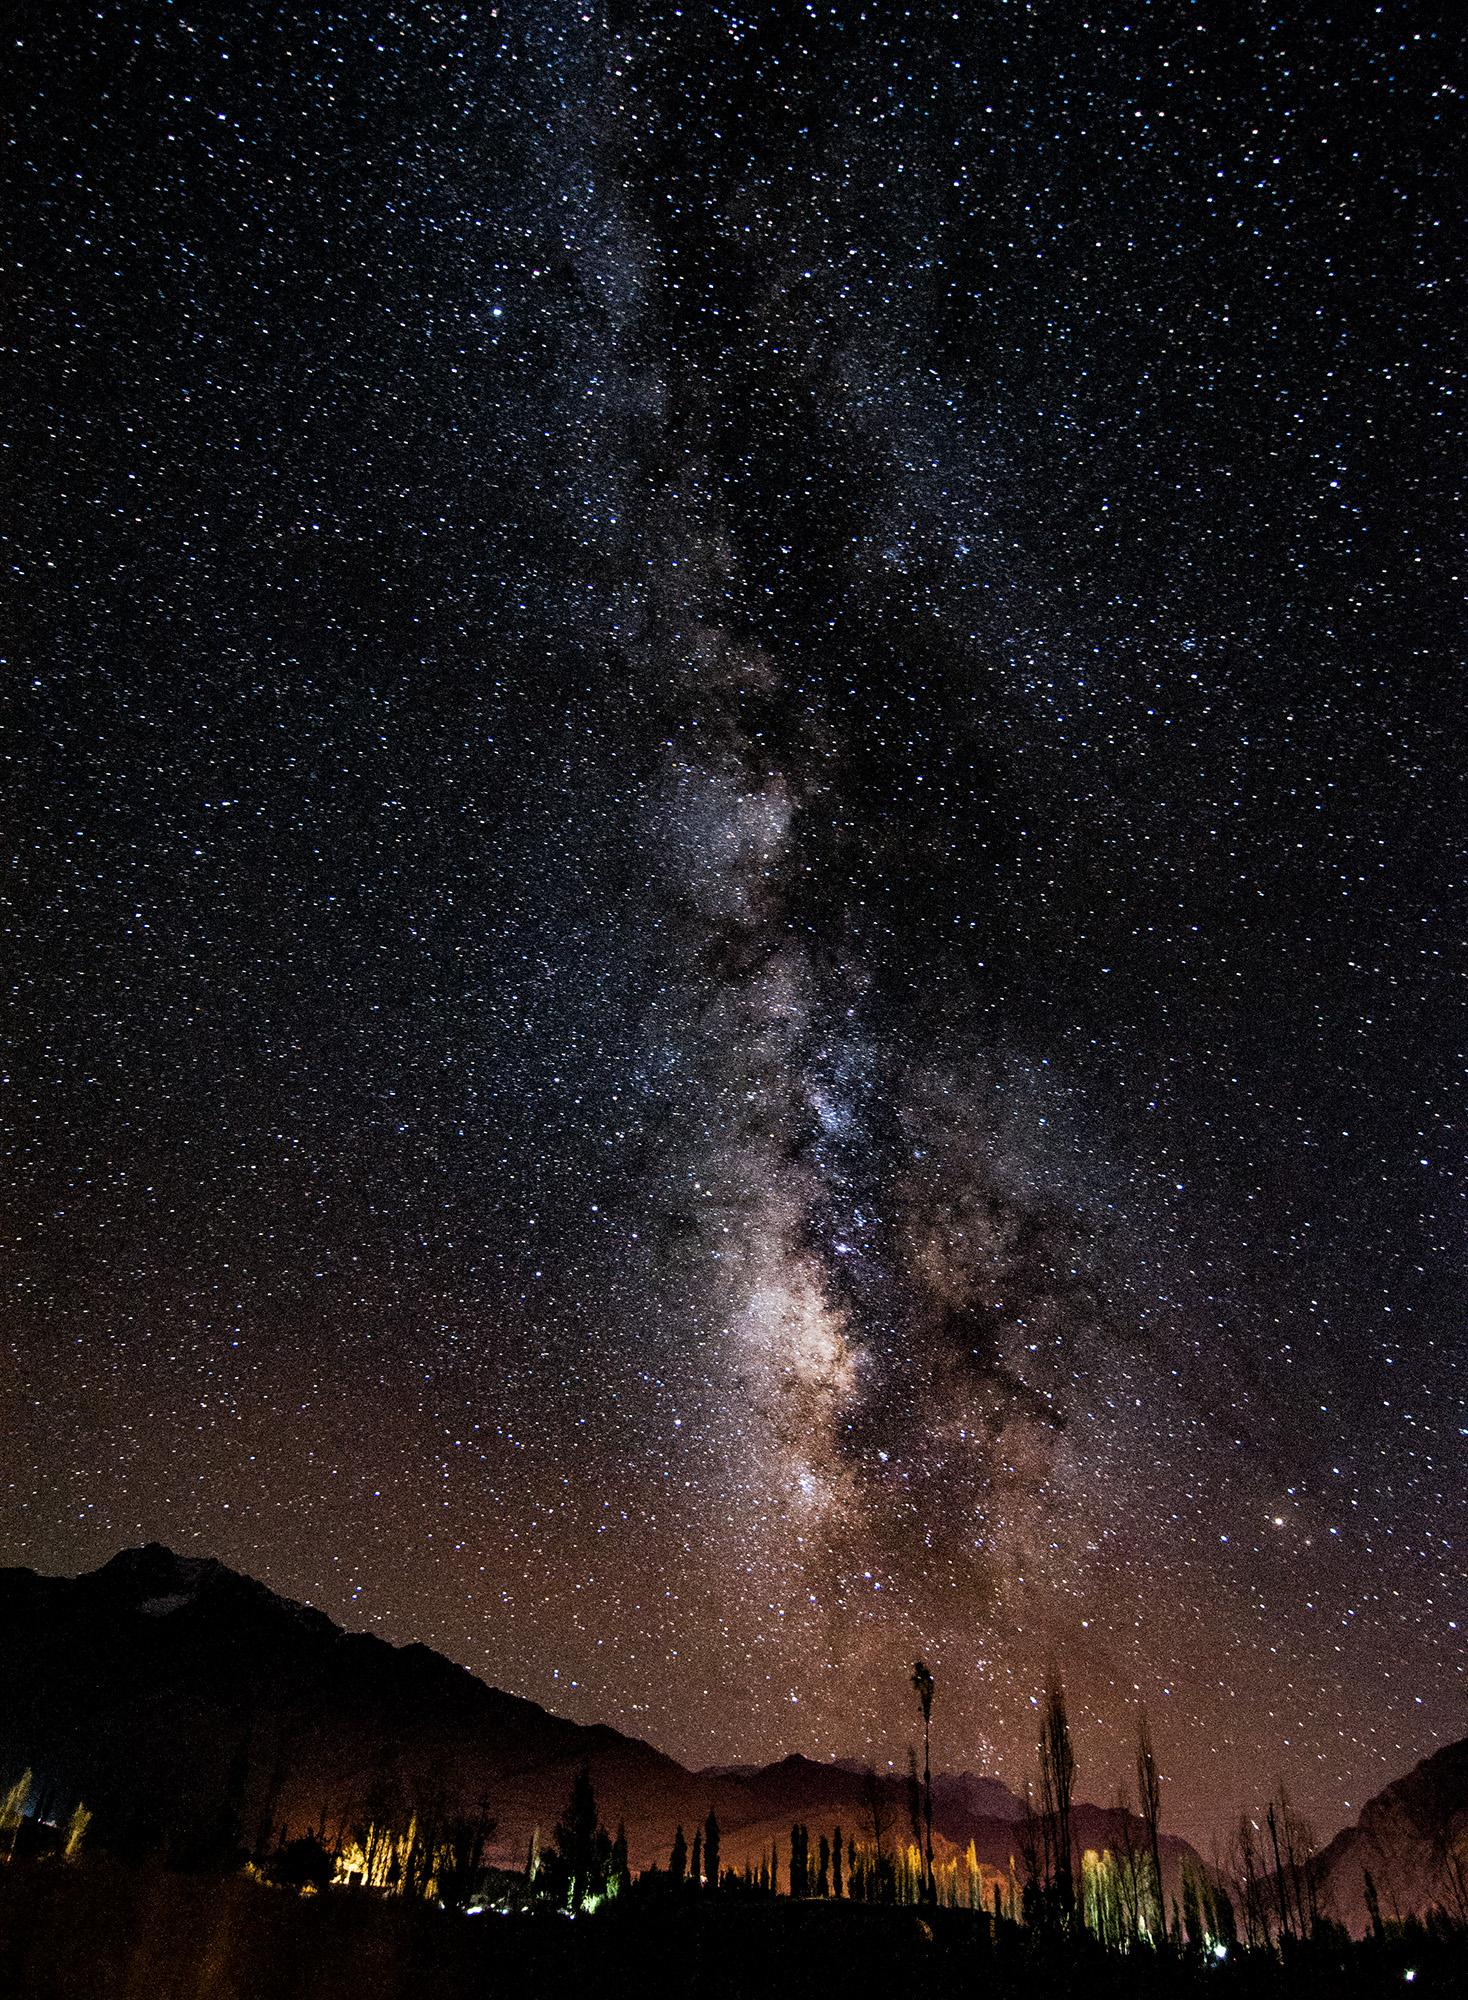 Milky Way shot at Kargil, Ladakh